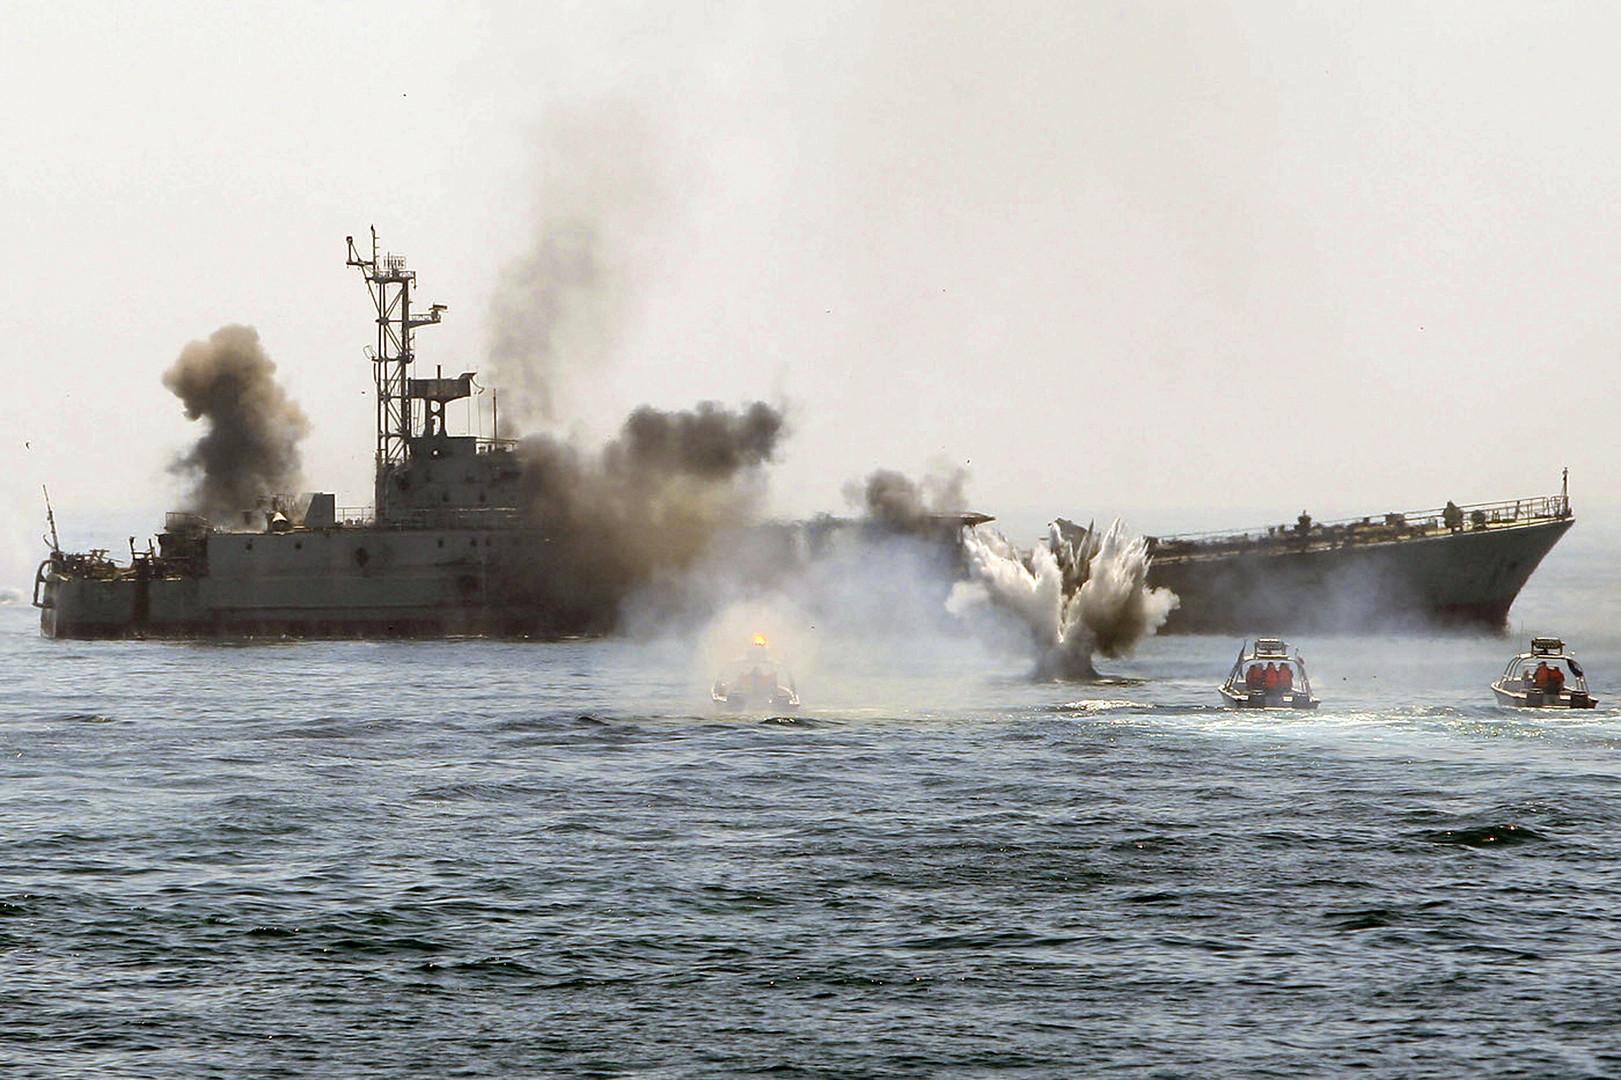 محاكاة إيران للحرب تثير تساؤلات وقلقا أمريكيا